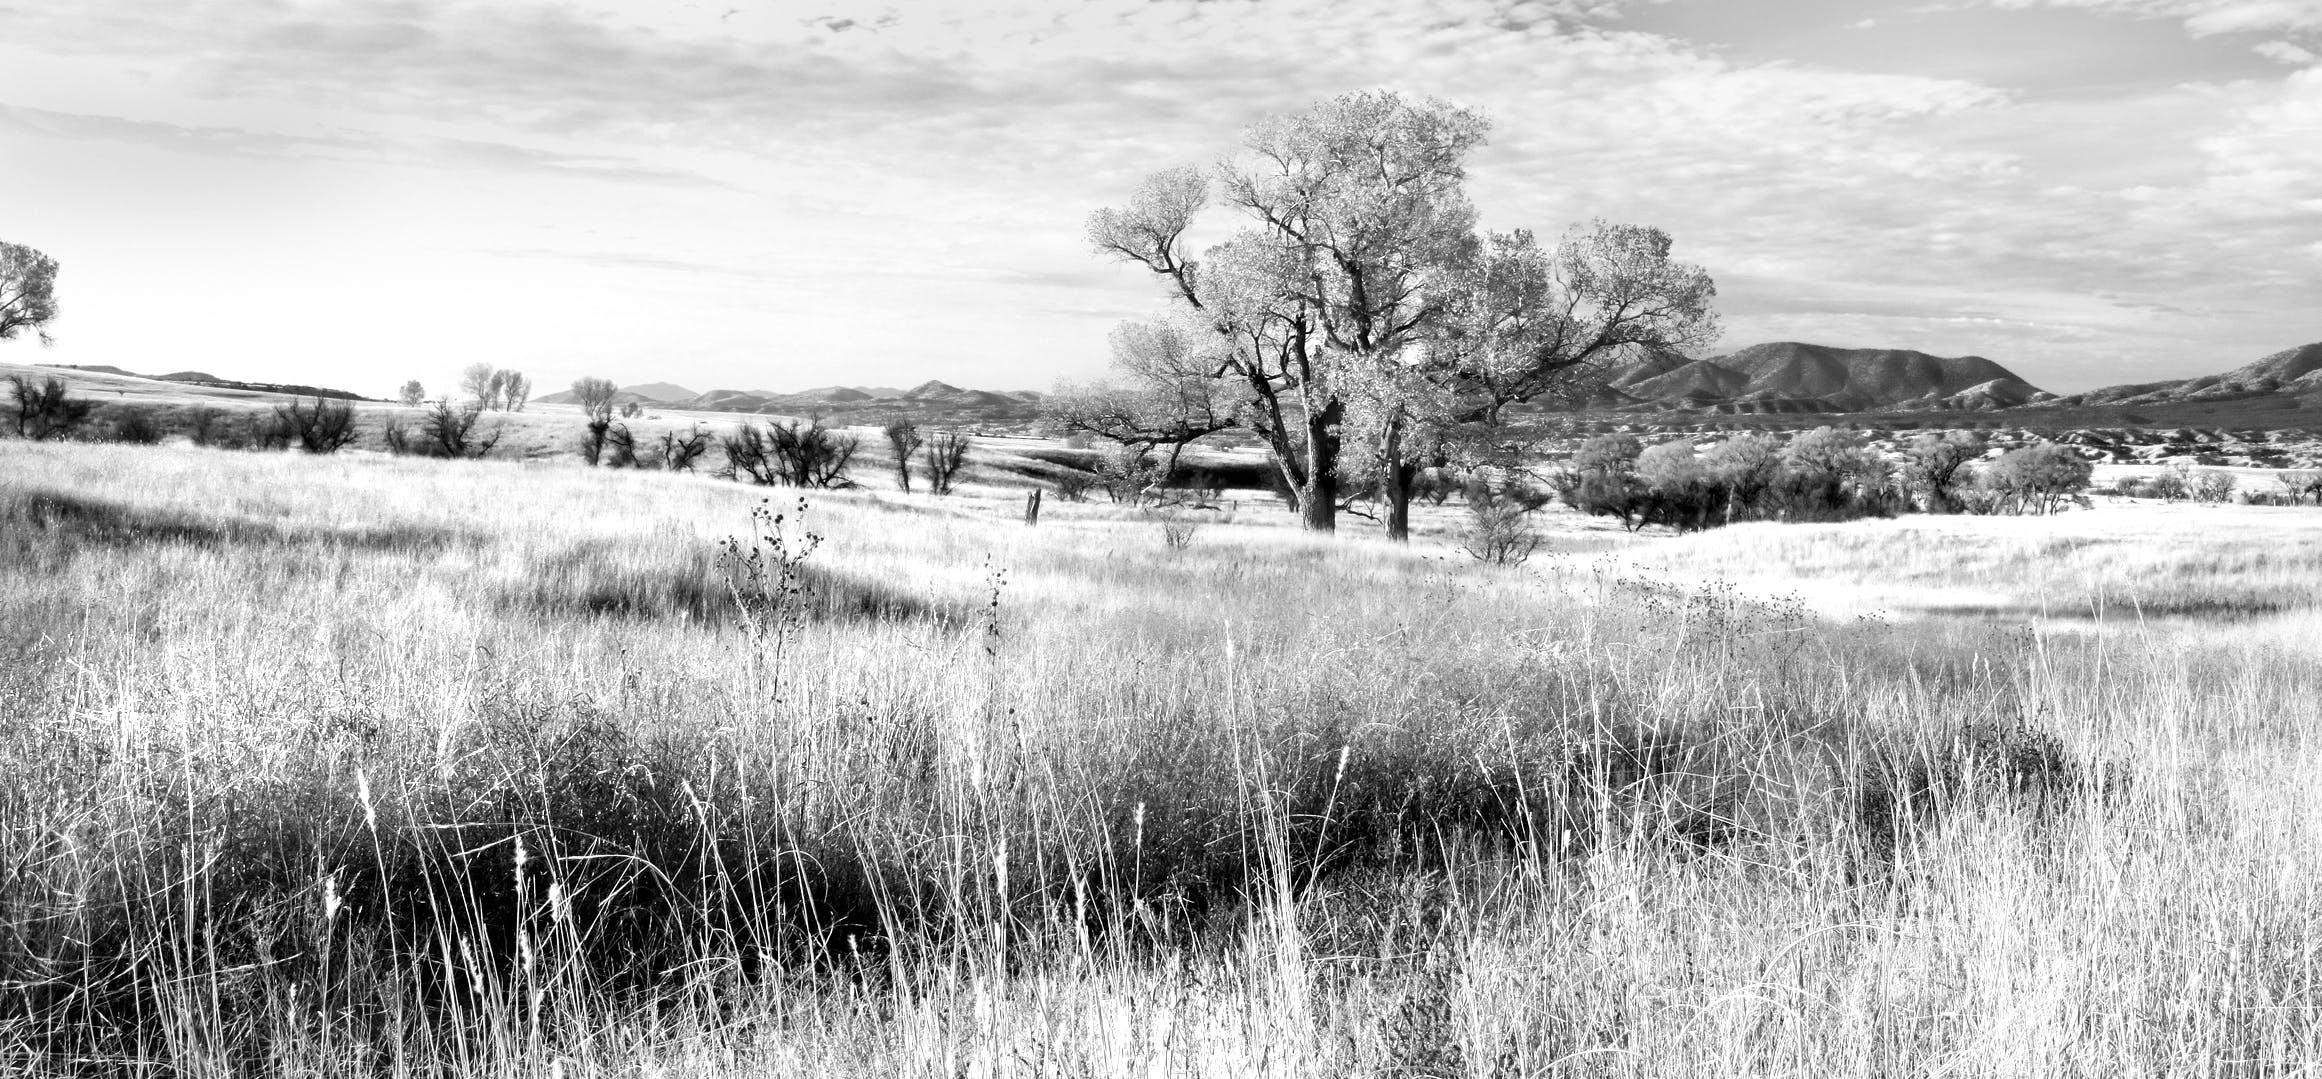 フィールド, 白黒, 絶景, 自然の無料の写真素材